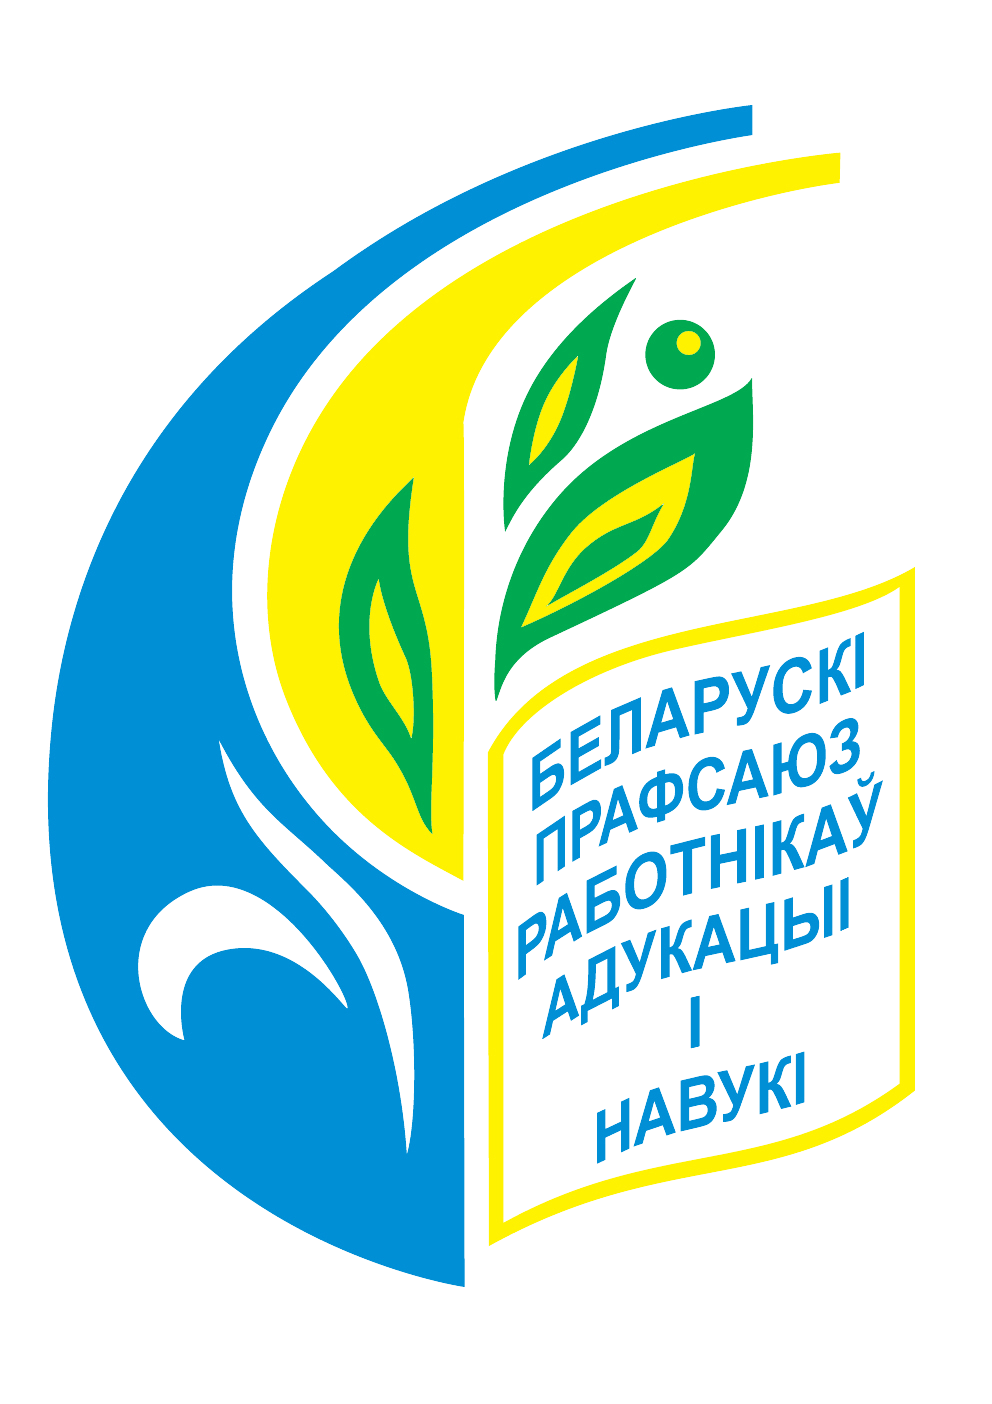 Житковичский районный комитет Белорусского профессионального союза работников образования и науки